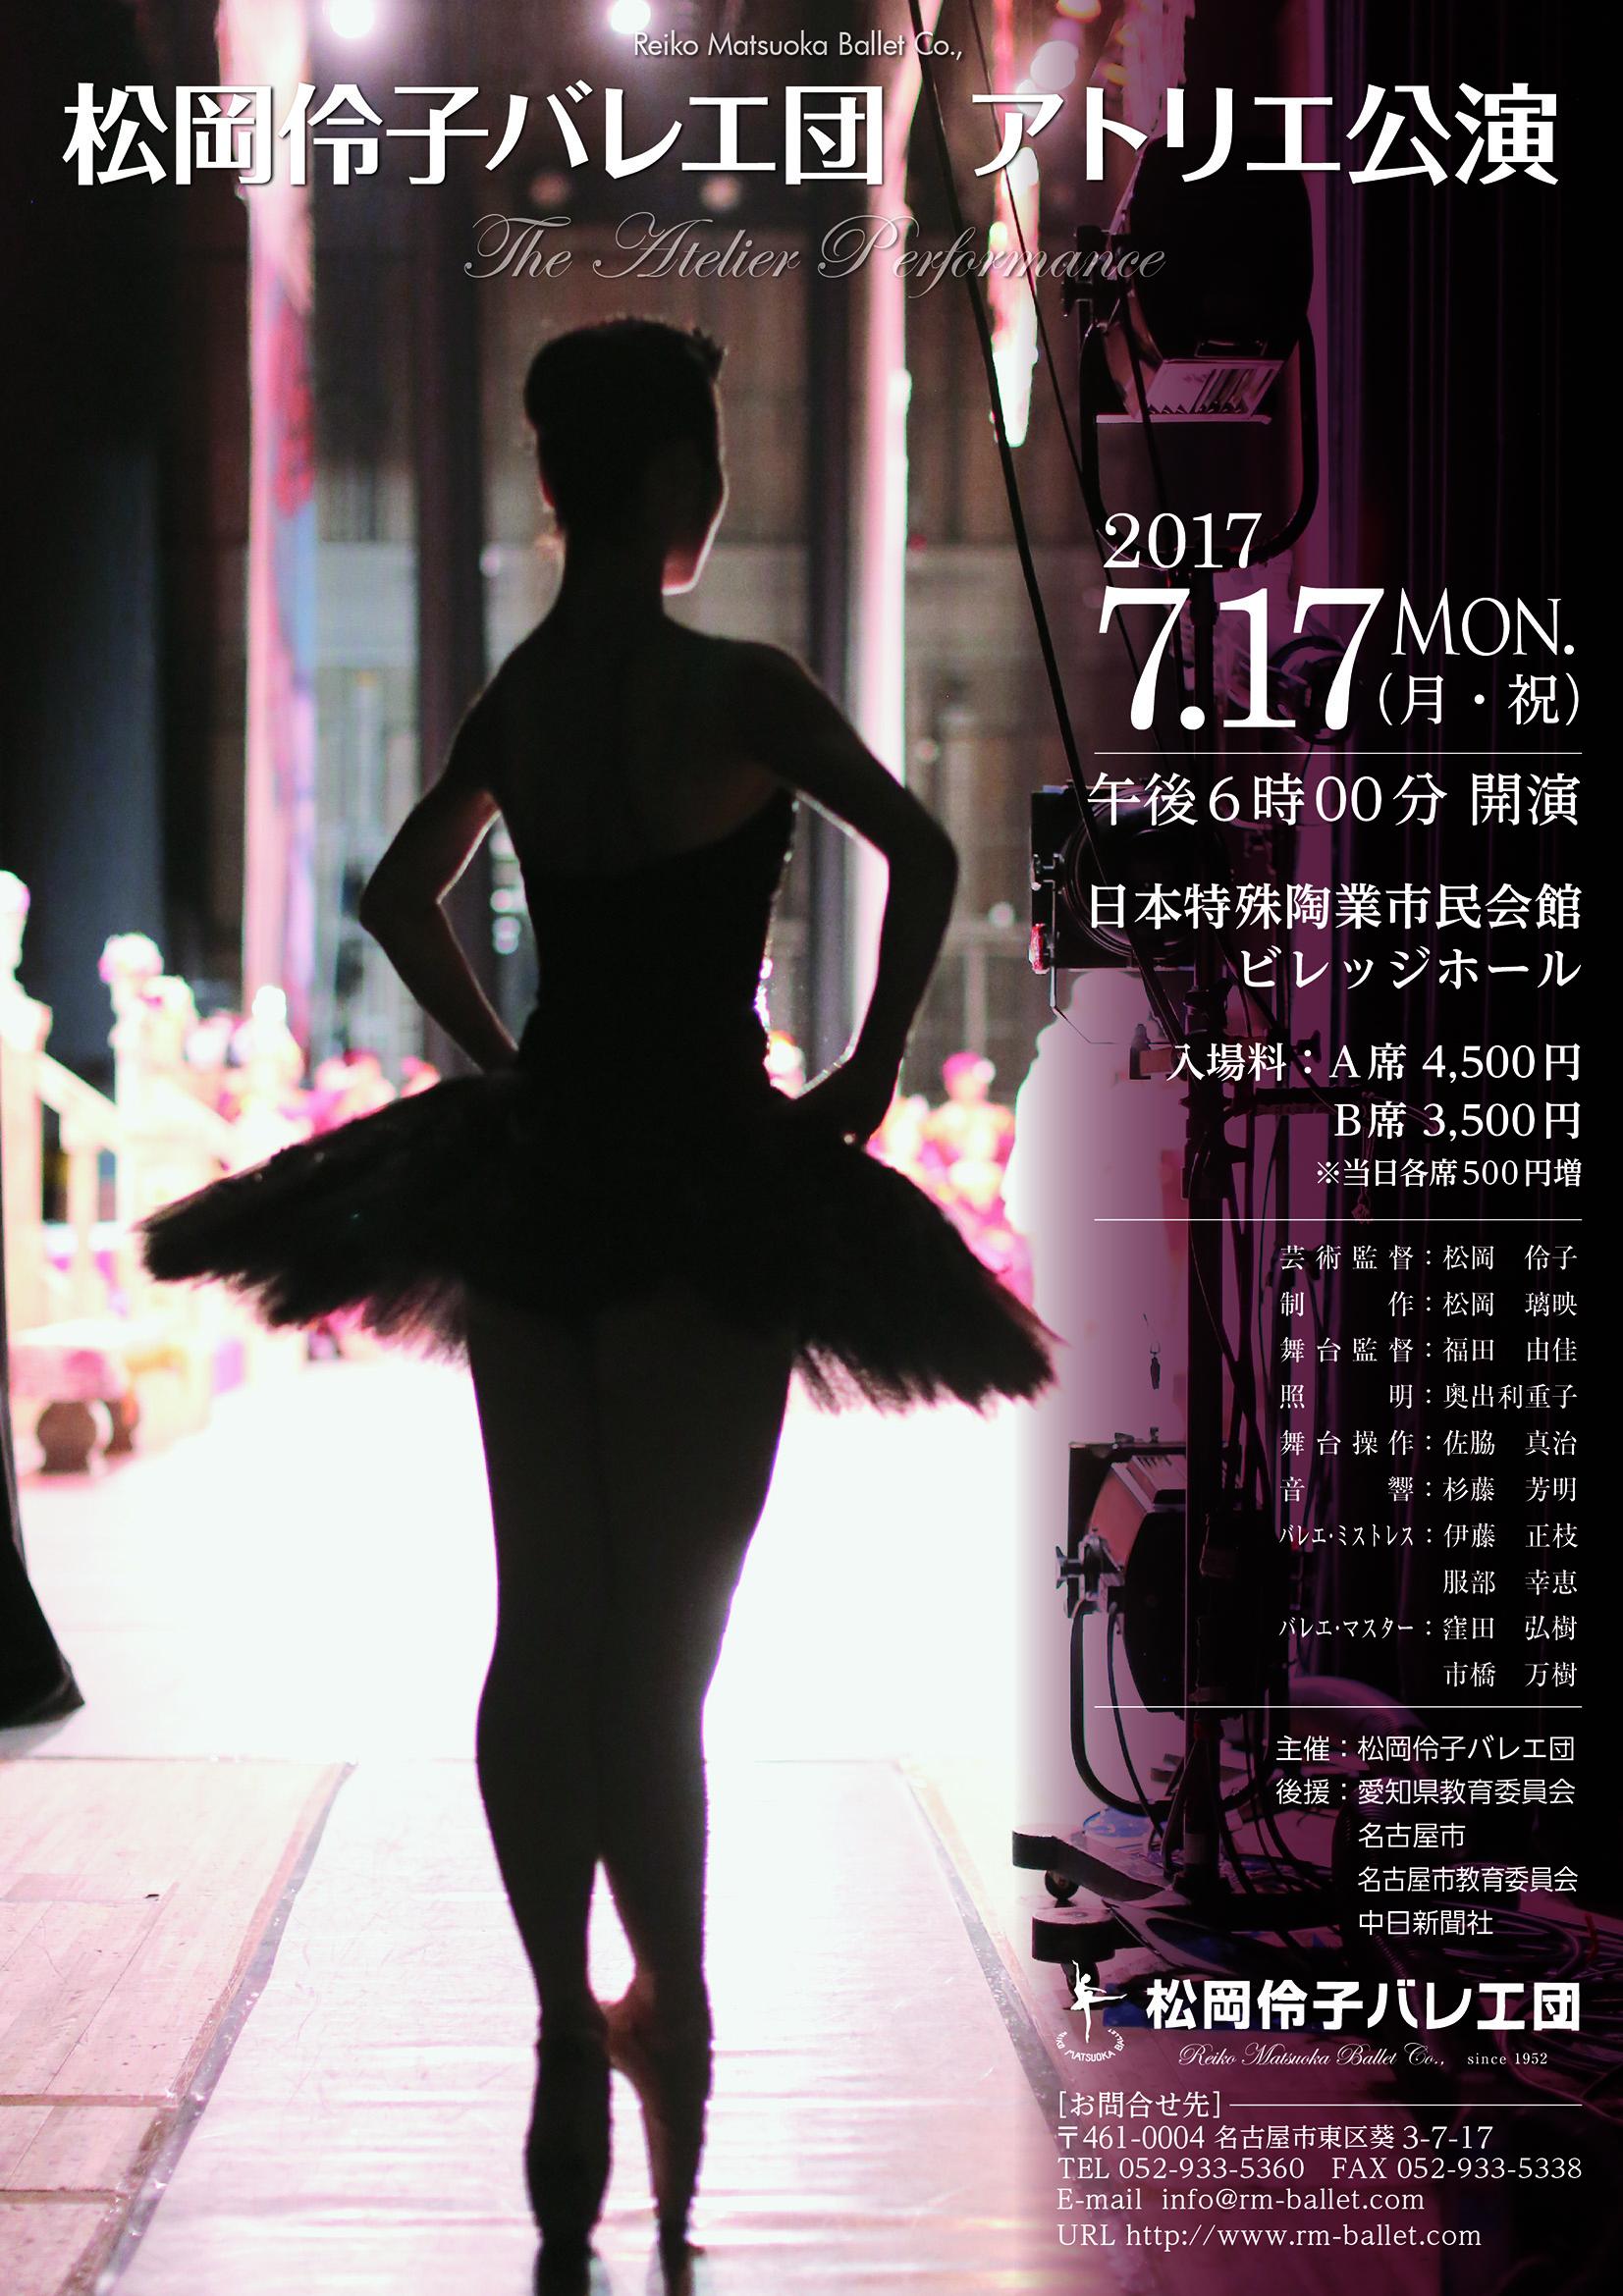 松岡伶子バレエ団アトリエ公演